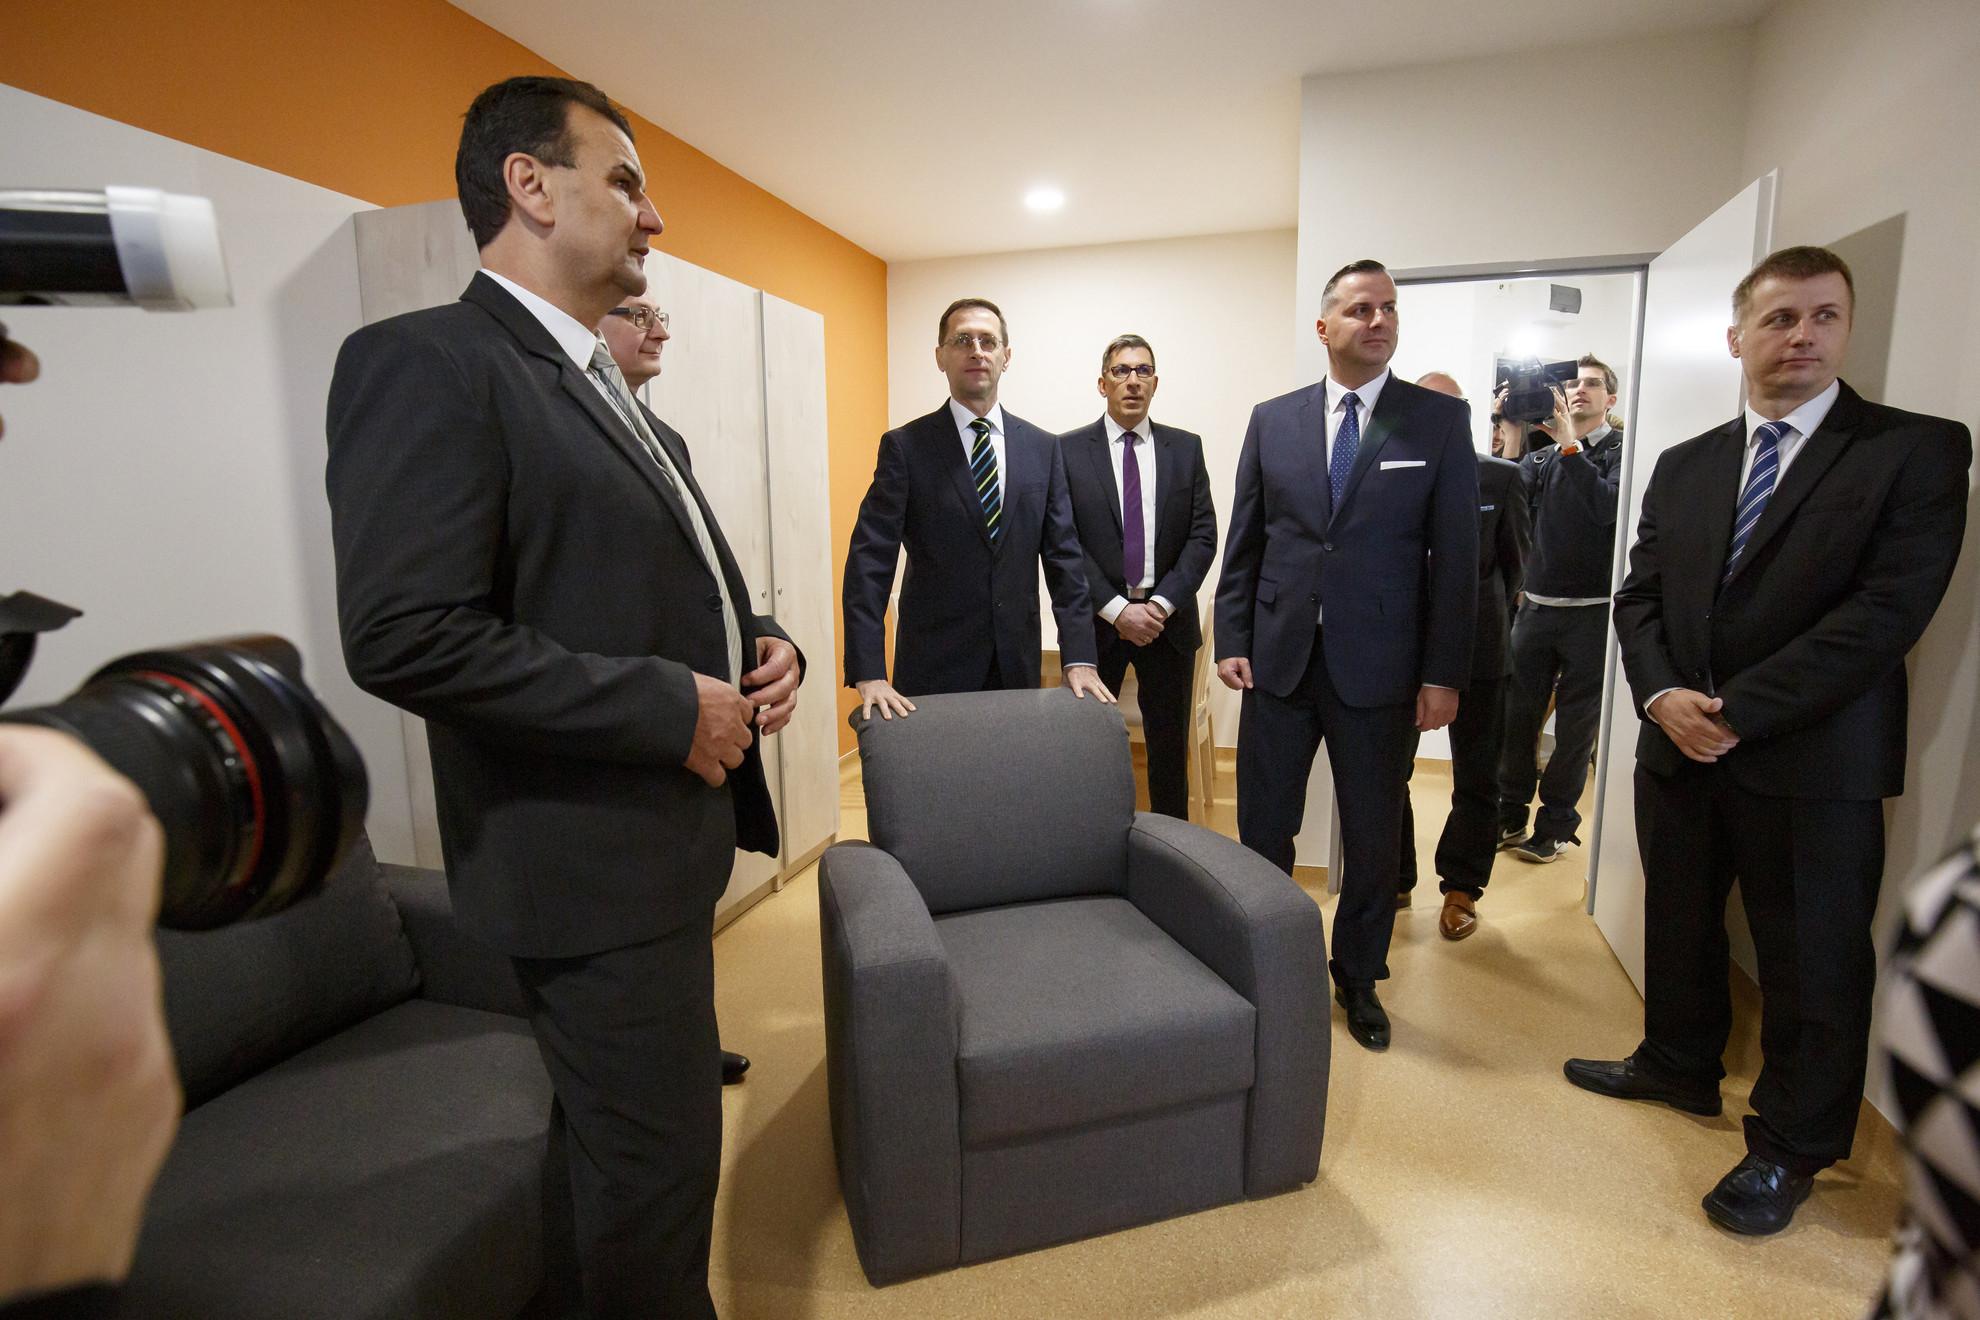 Varga Mihály nemzetgazdasági miniszter (b3), Vigh László fideszes országgyűlési képviselő (b) és Balaicz Zoltán (Fidesz-KDNP) polgármester (b5) a munkáshotel avatásán